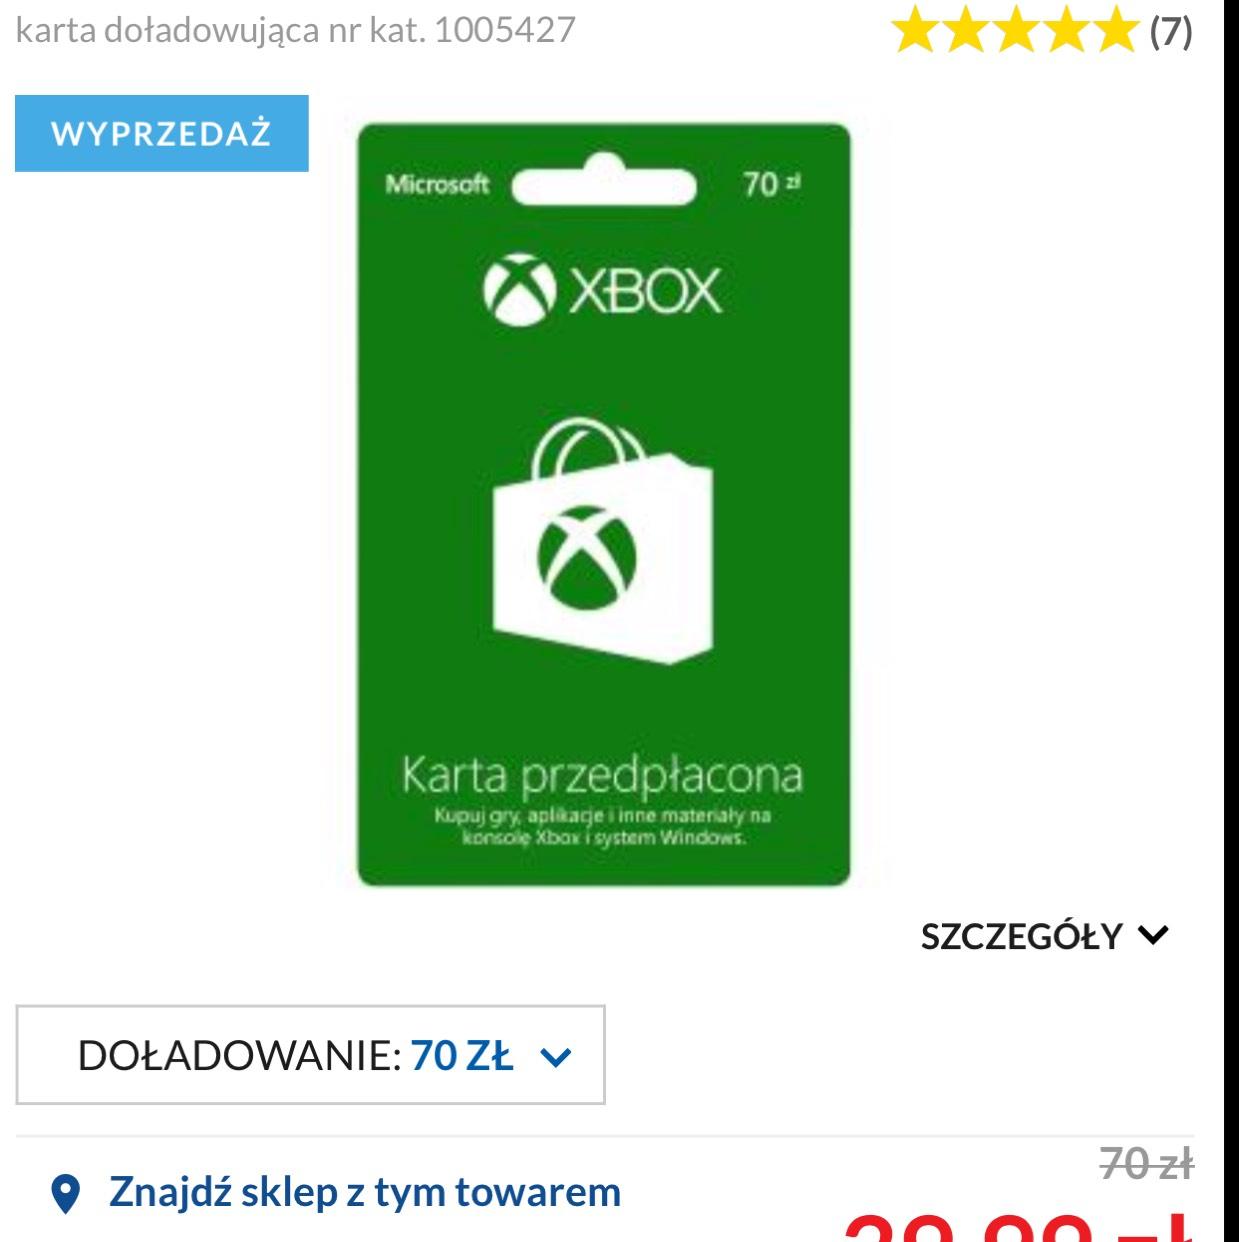 Doładowanie do Xbox lub sklepu microsoft 70 zł za 39,99  EURO RTV AGD